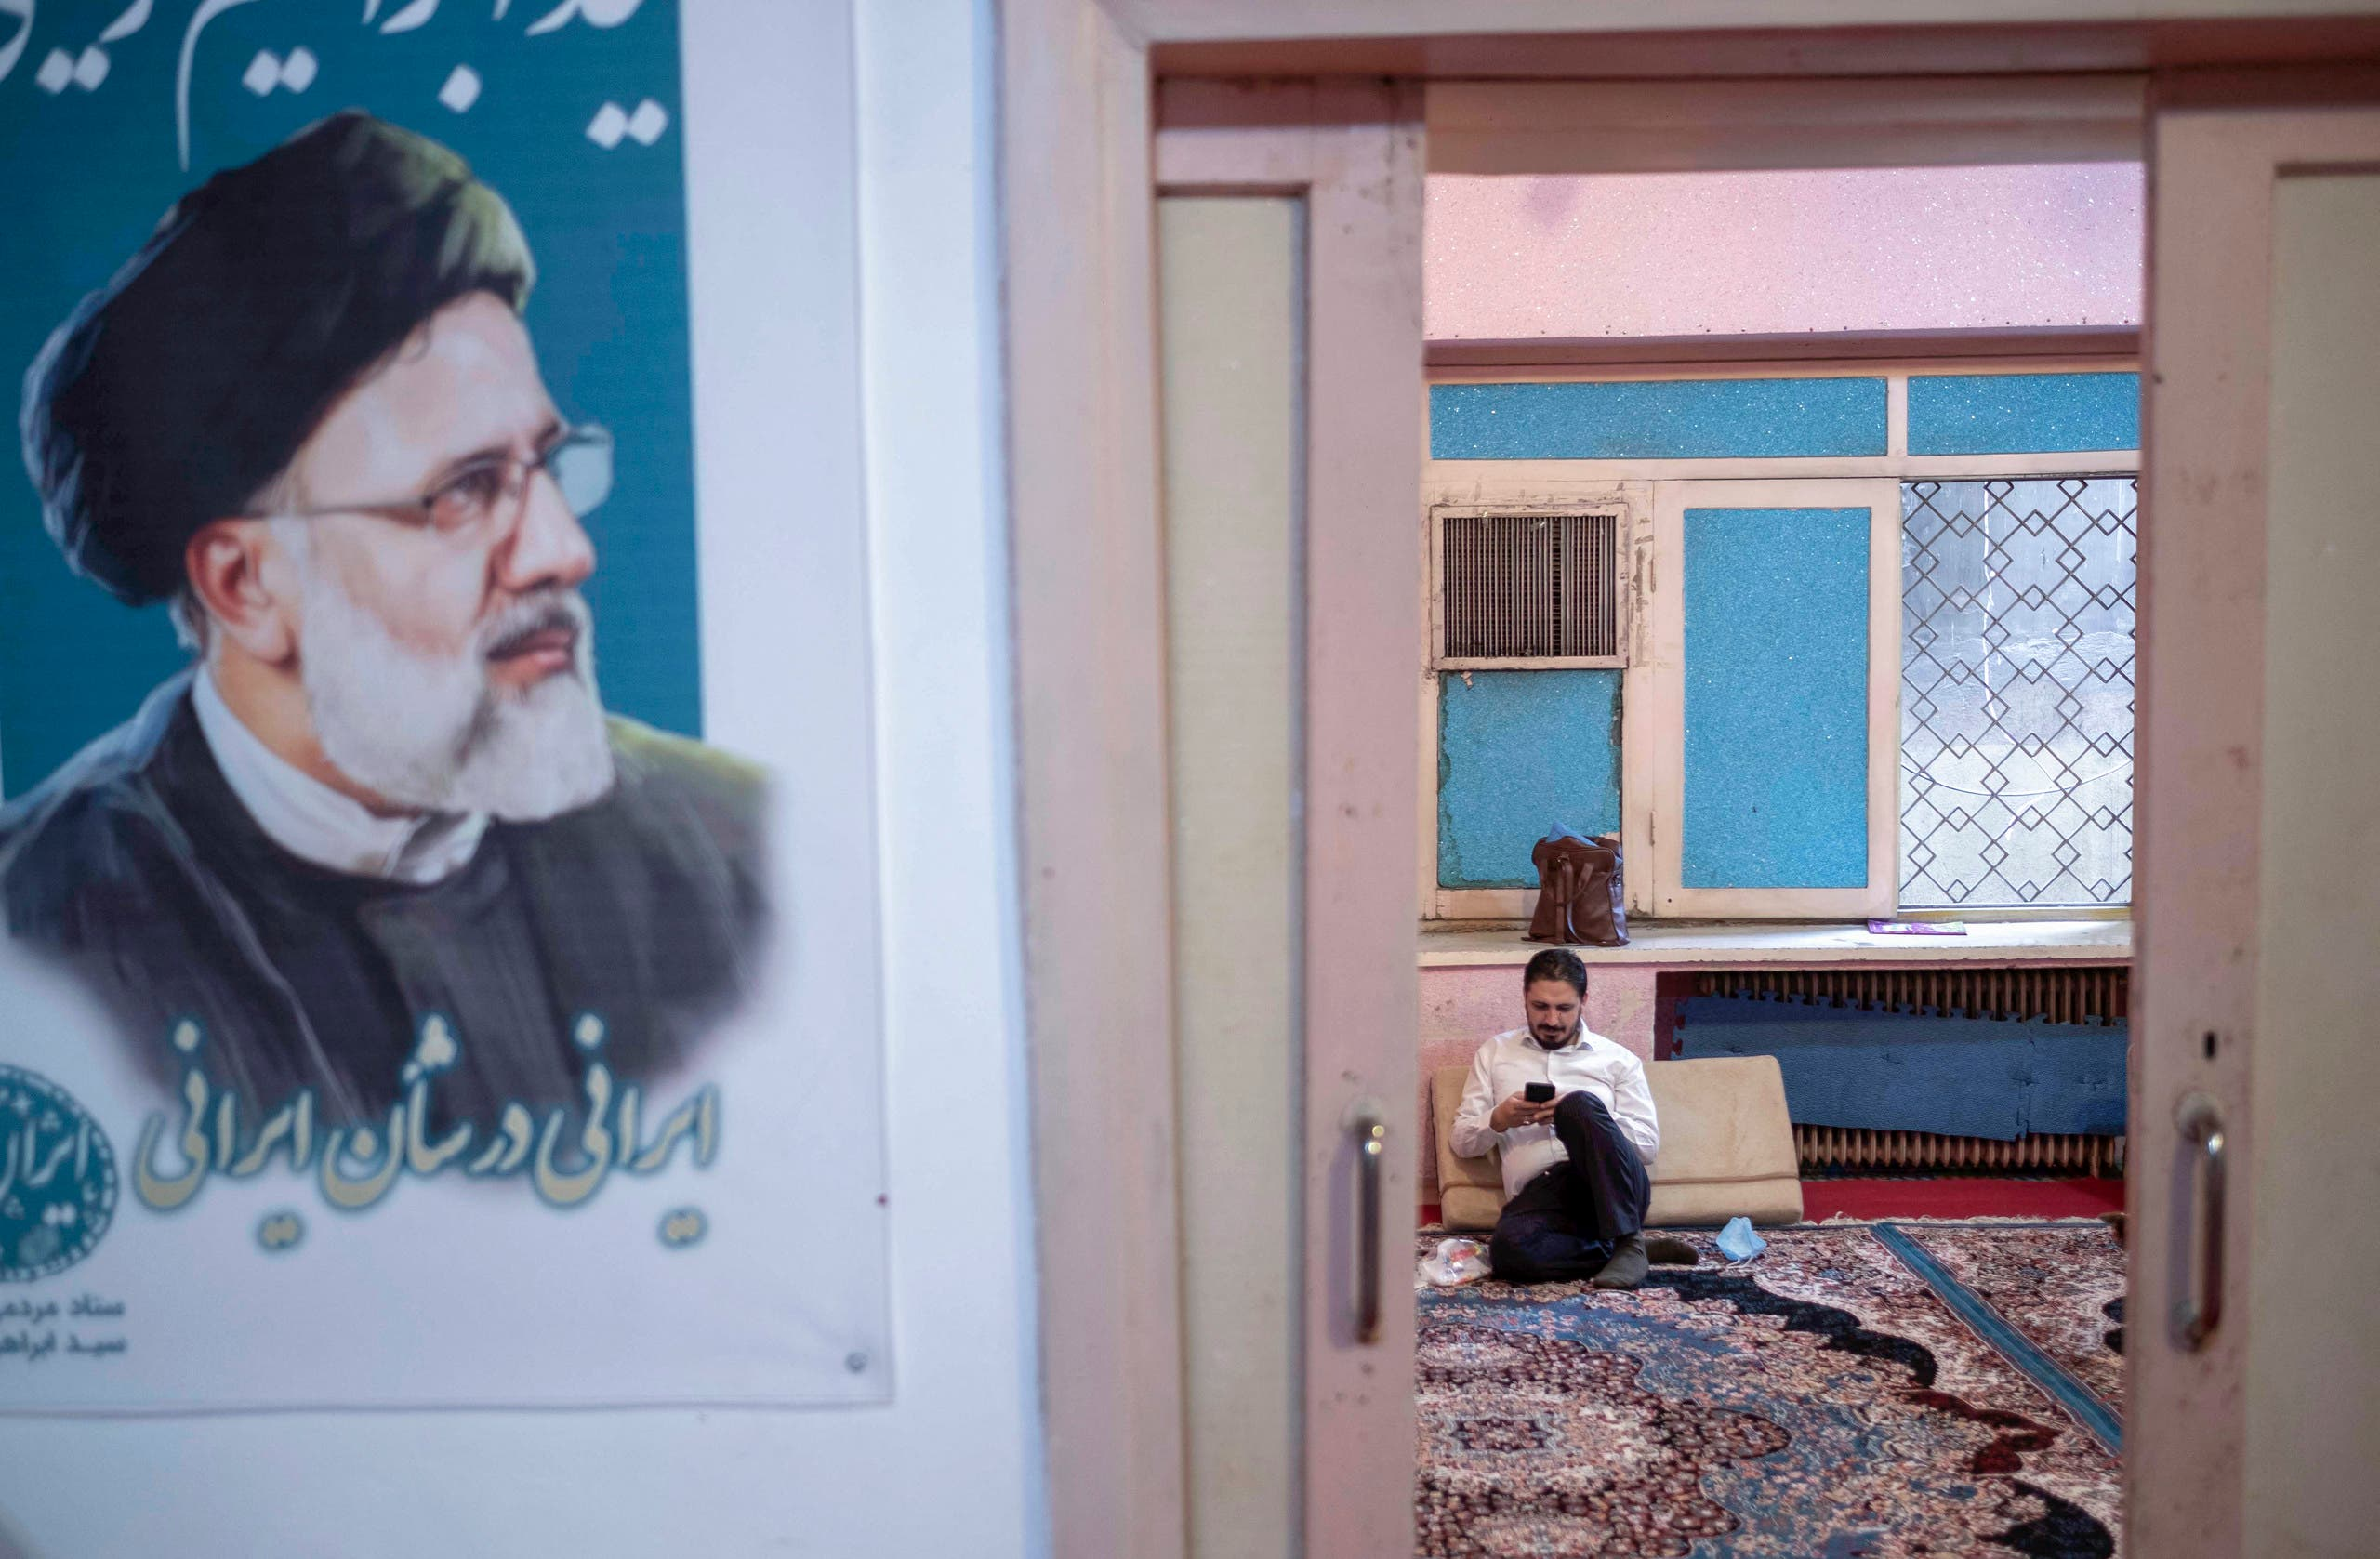 عکس از ابراهیم رئیسی (خبرگزاری فرانسه)